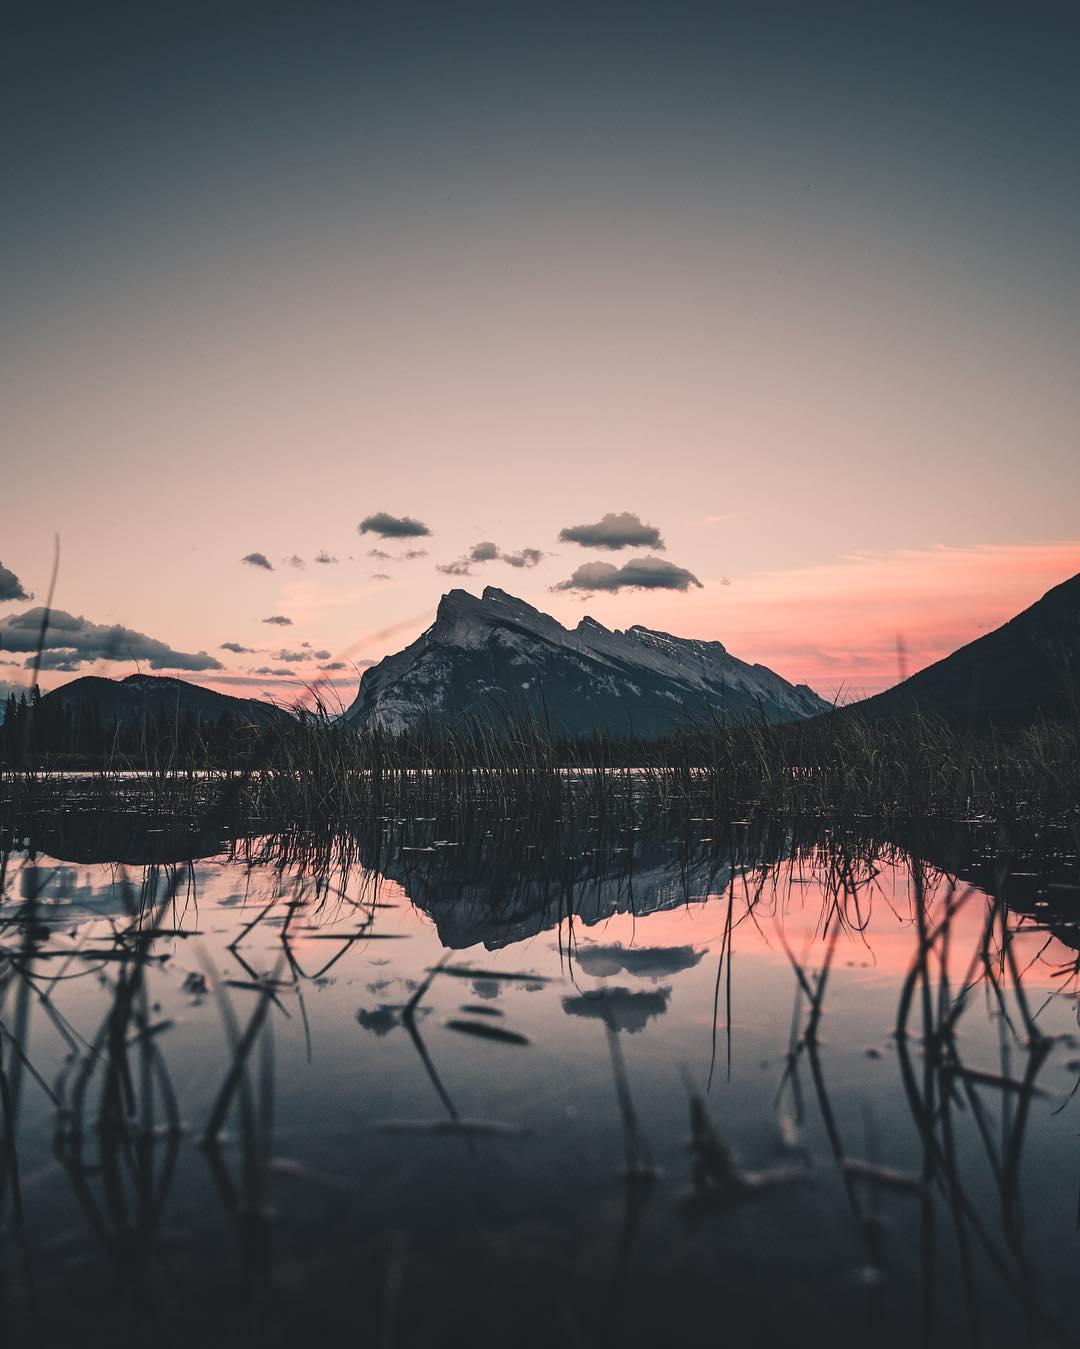 Красивые пейзажные фотографии Джо Альтви (25 фото)